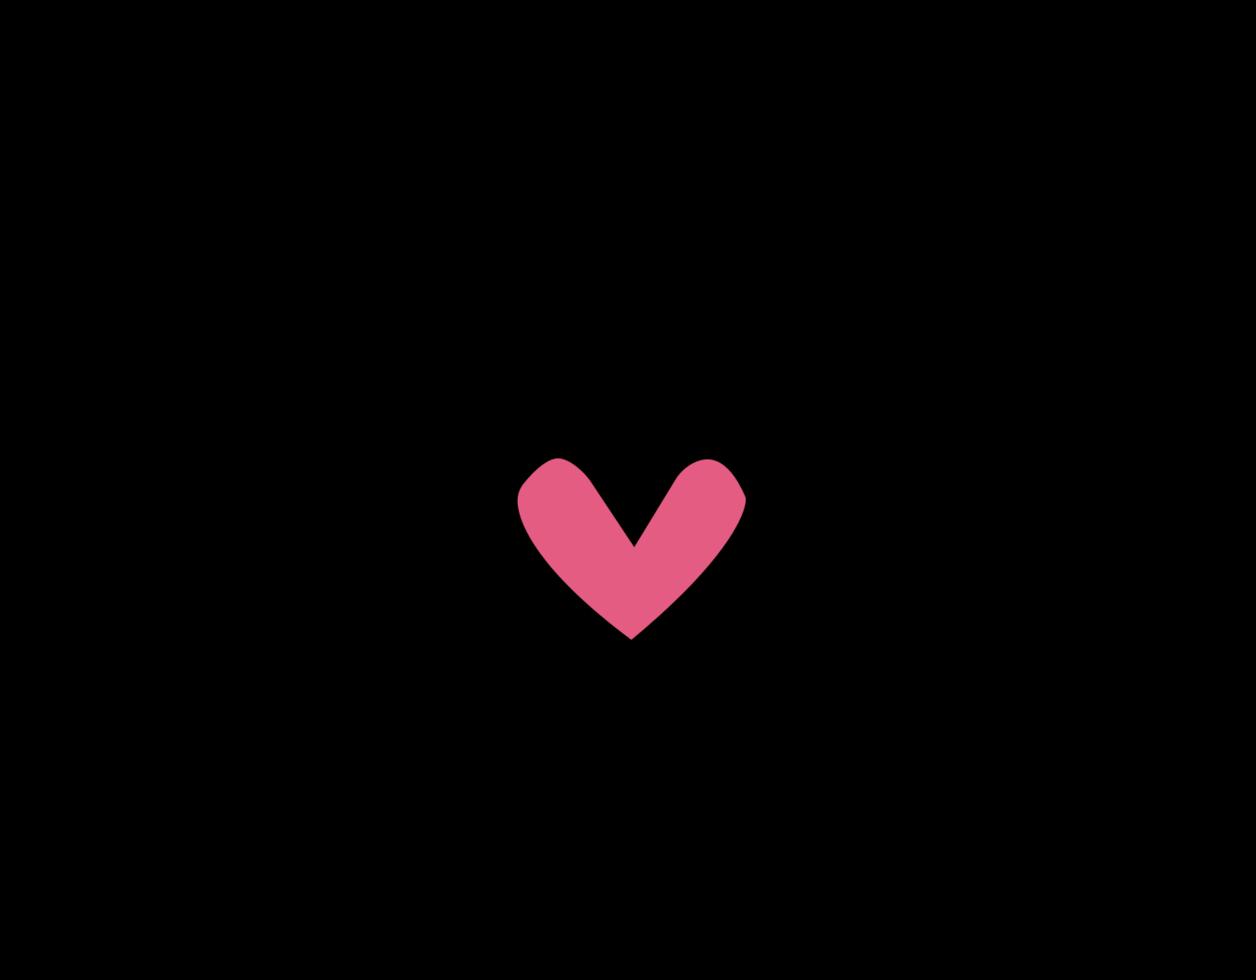 carta de icono de corazón png